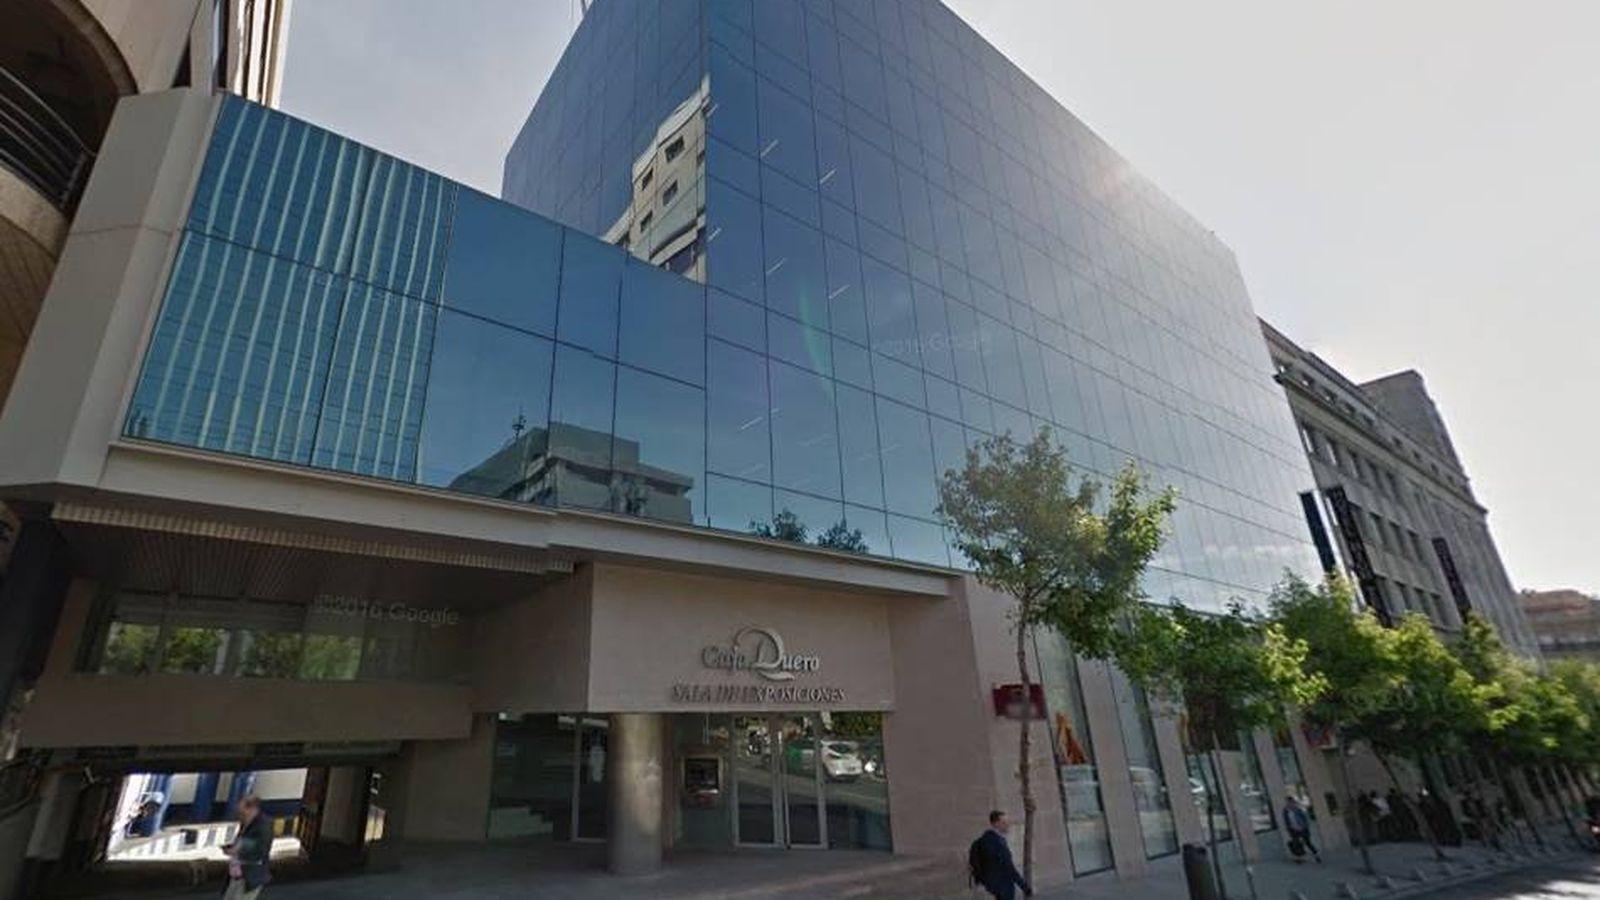 Foto: Edificio en venta en la calle Marqués de Villamagna.